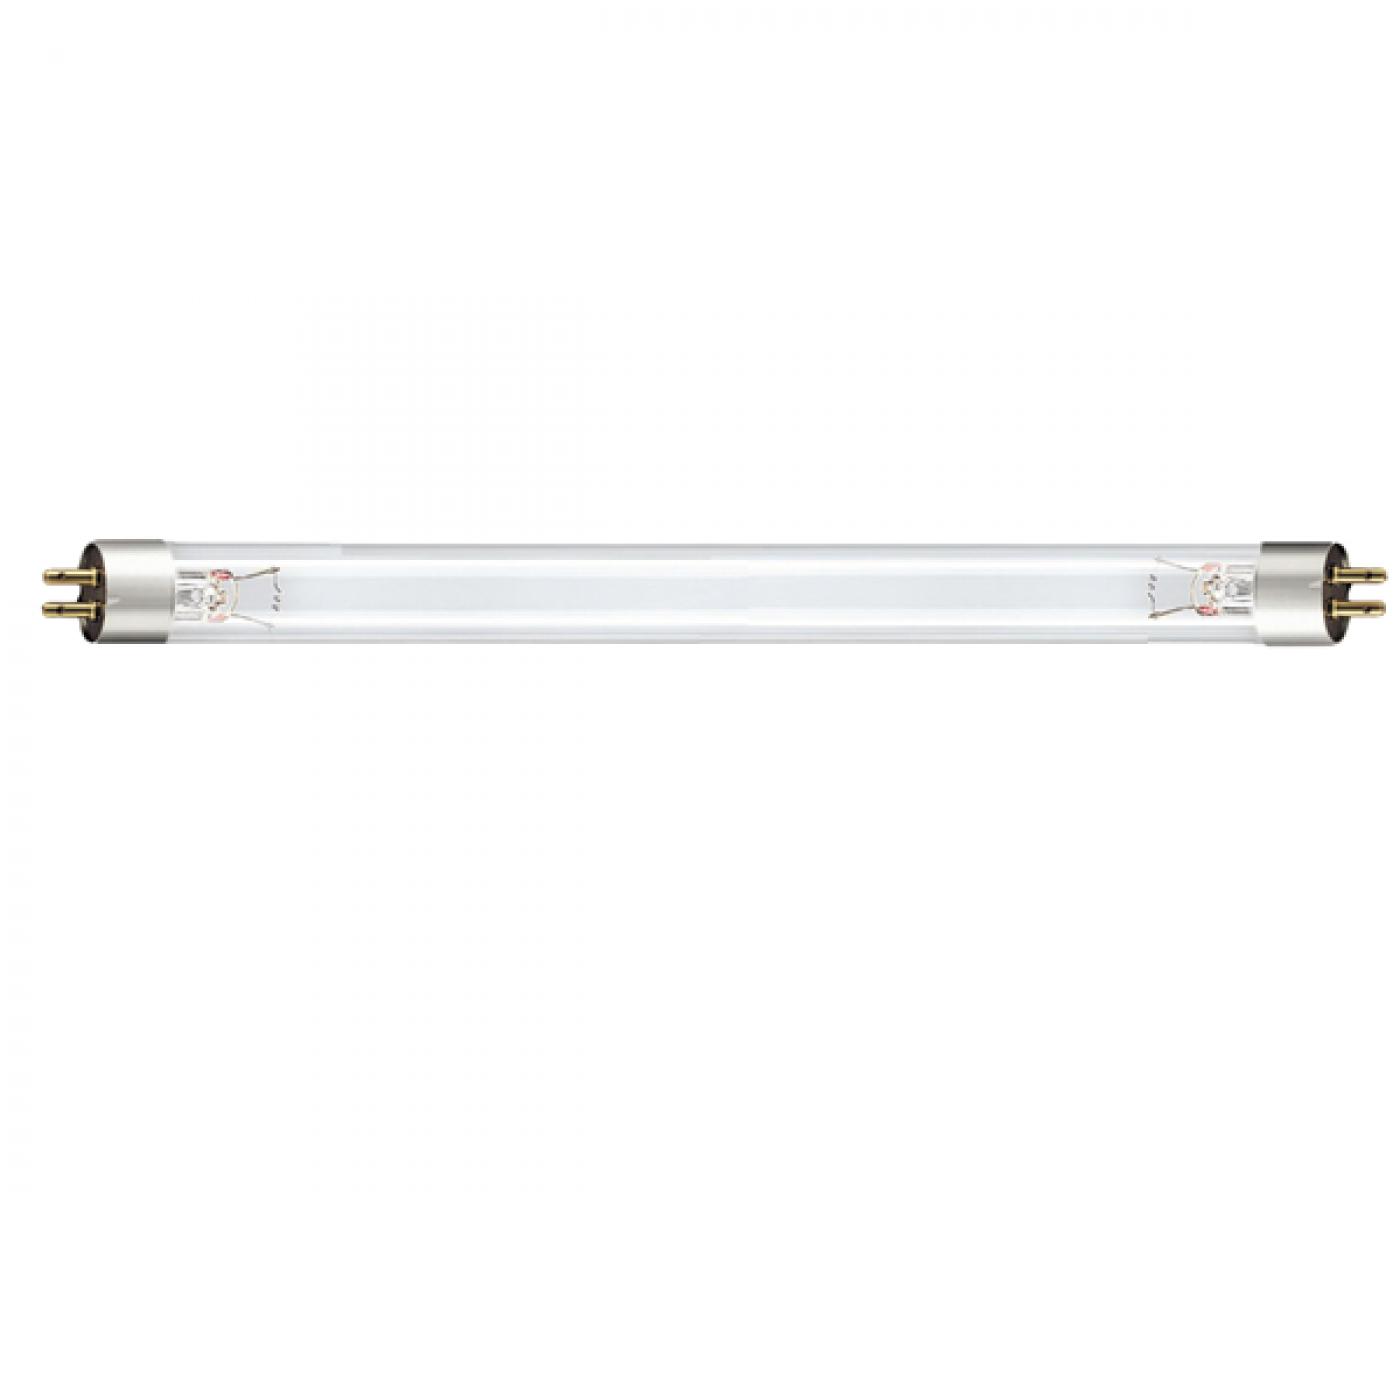 LAMPADA UV 16 WATT 4 PIN